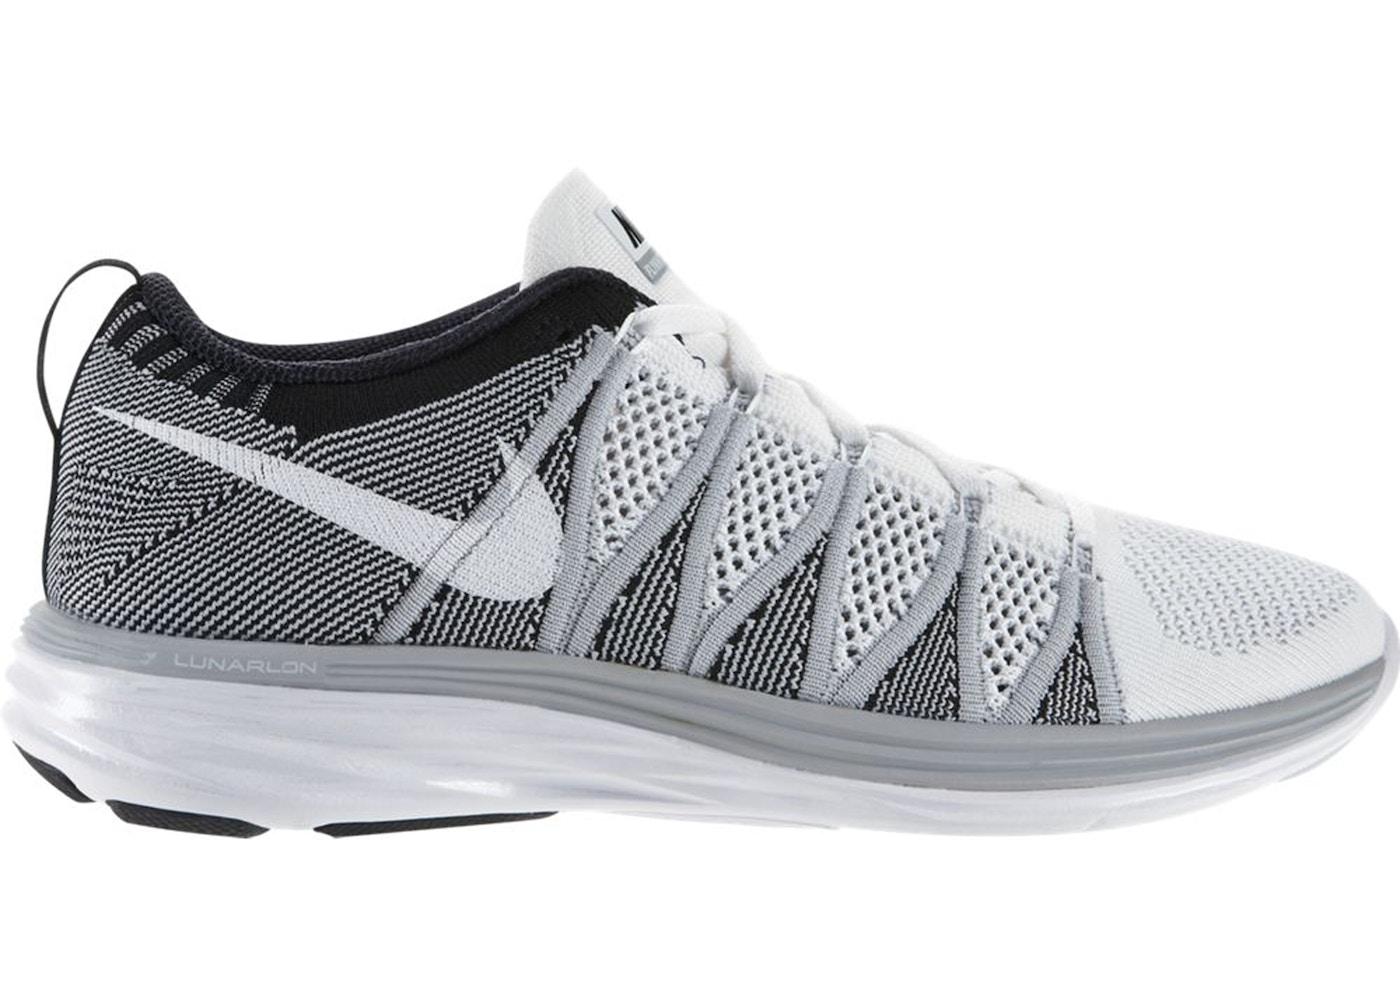 Pera Discriminación violento  Nike Flyknit Lunar 2 White Wolf Grey Black - 620465-100